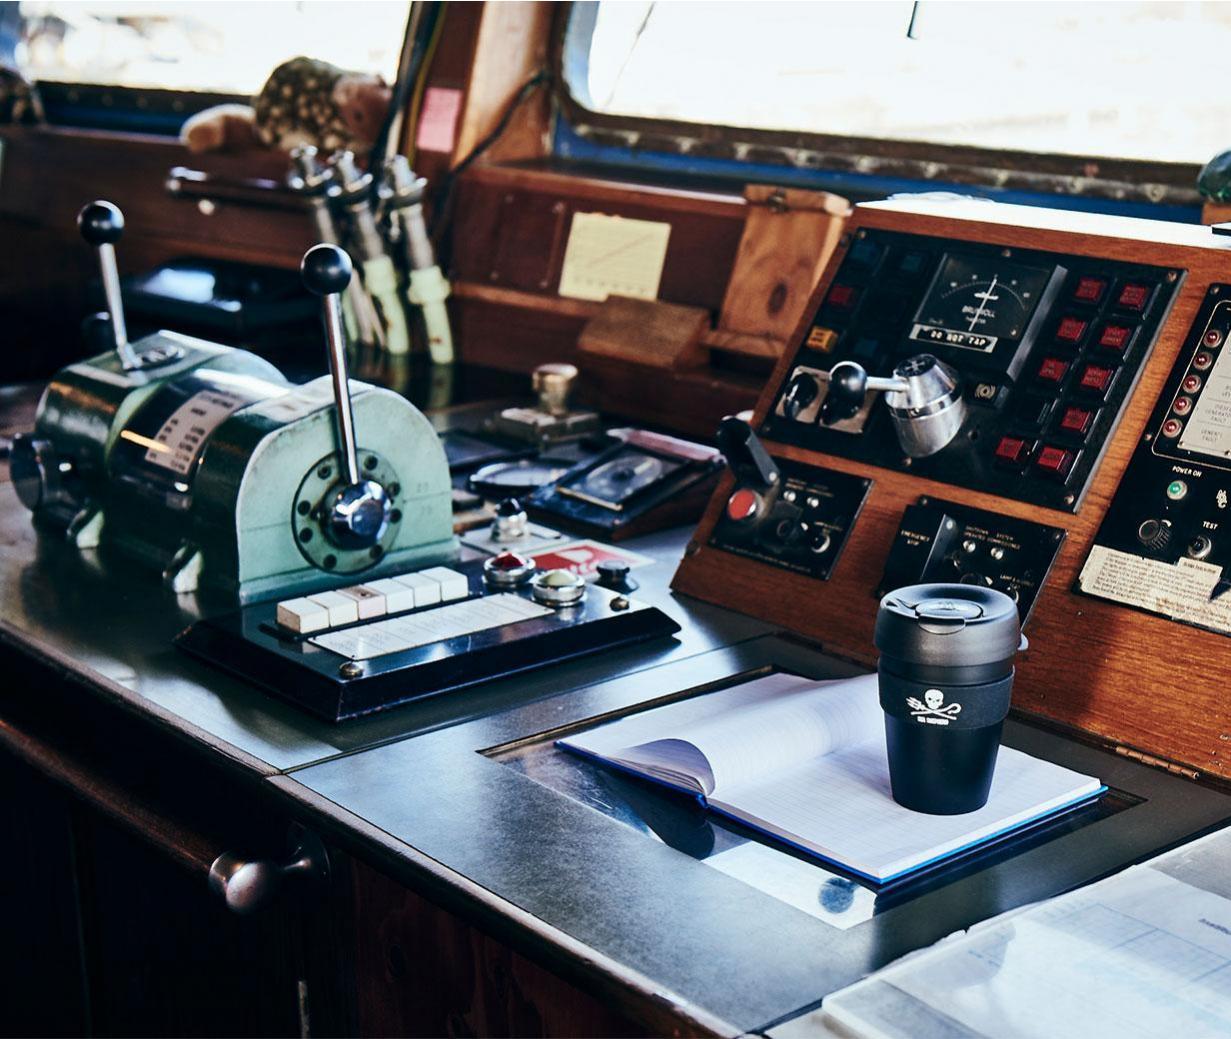 Interview with Jeff Hansen of Sea Shepherd